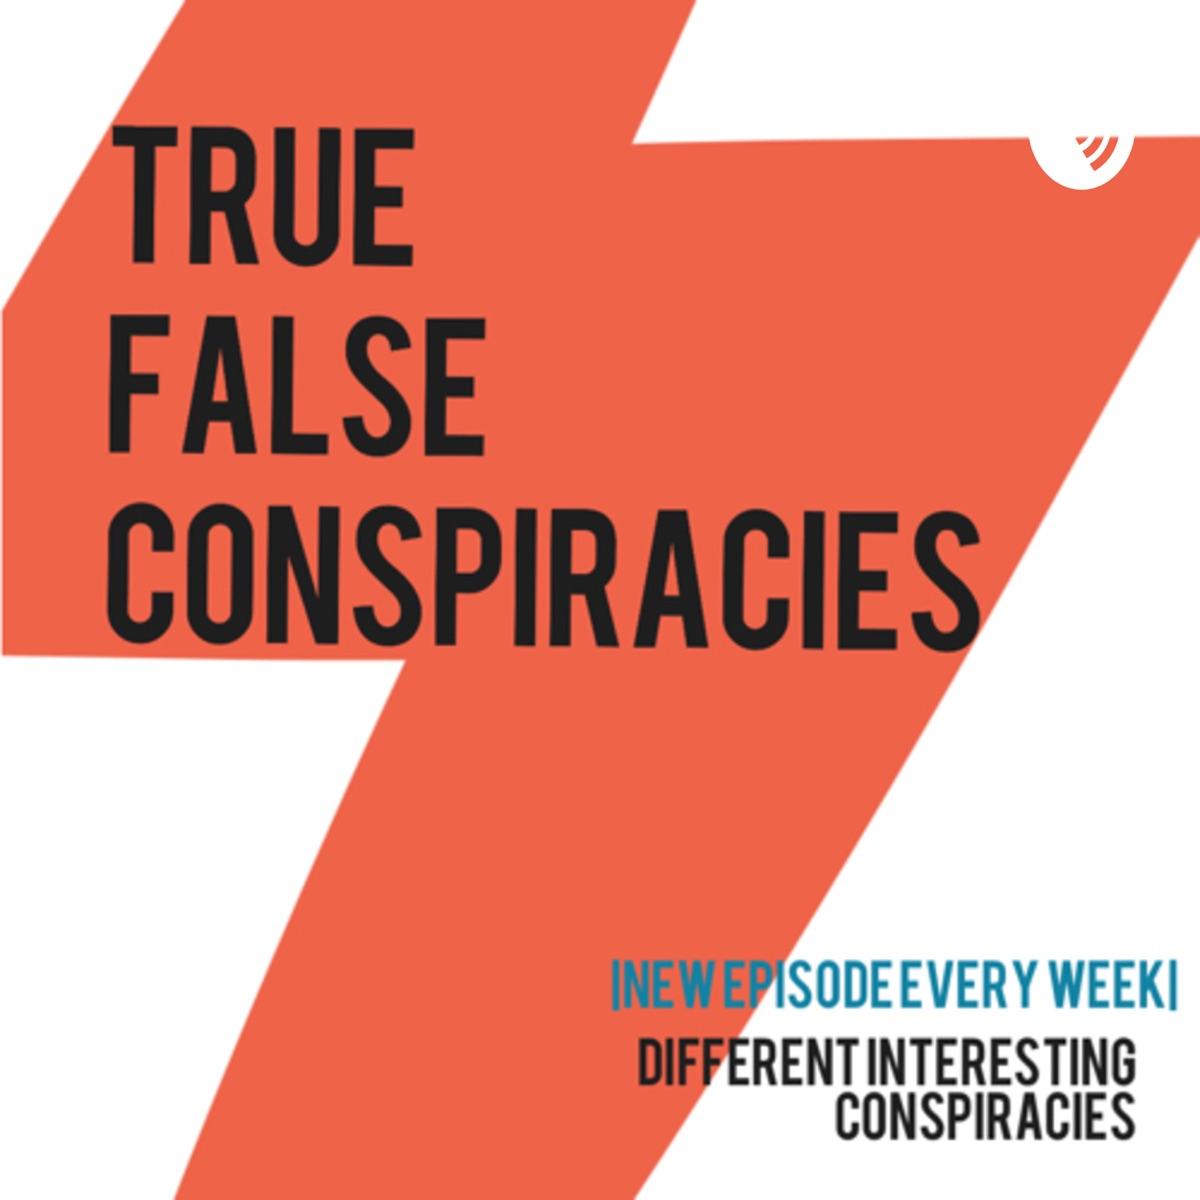 True or False Conspiracies